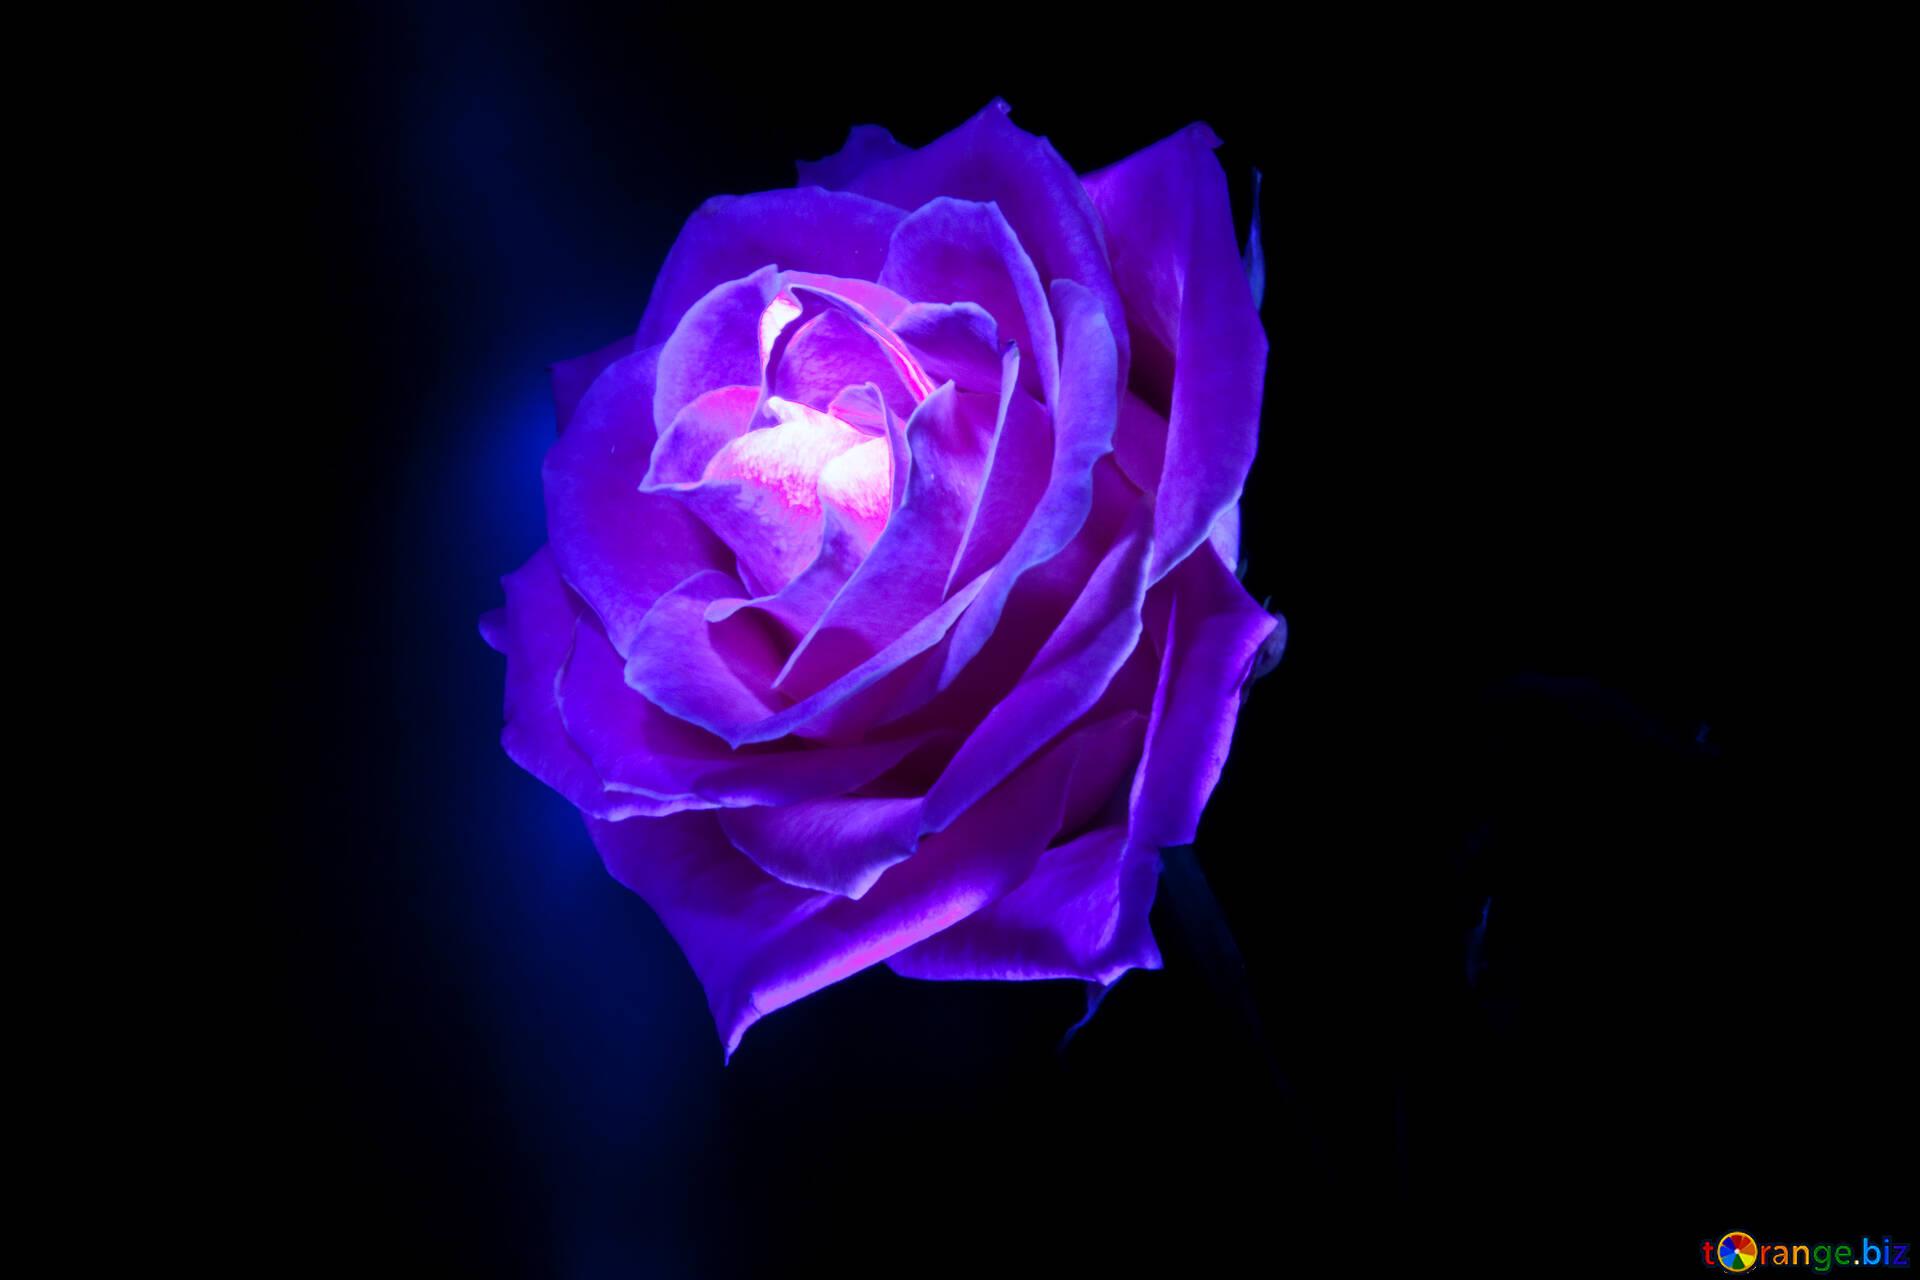 Flowers Roses Isolated Blue Rose Rose Flower 1235